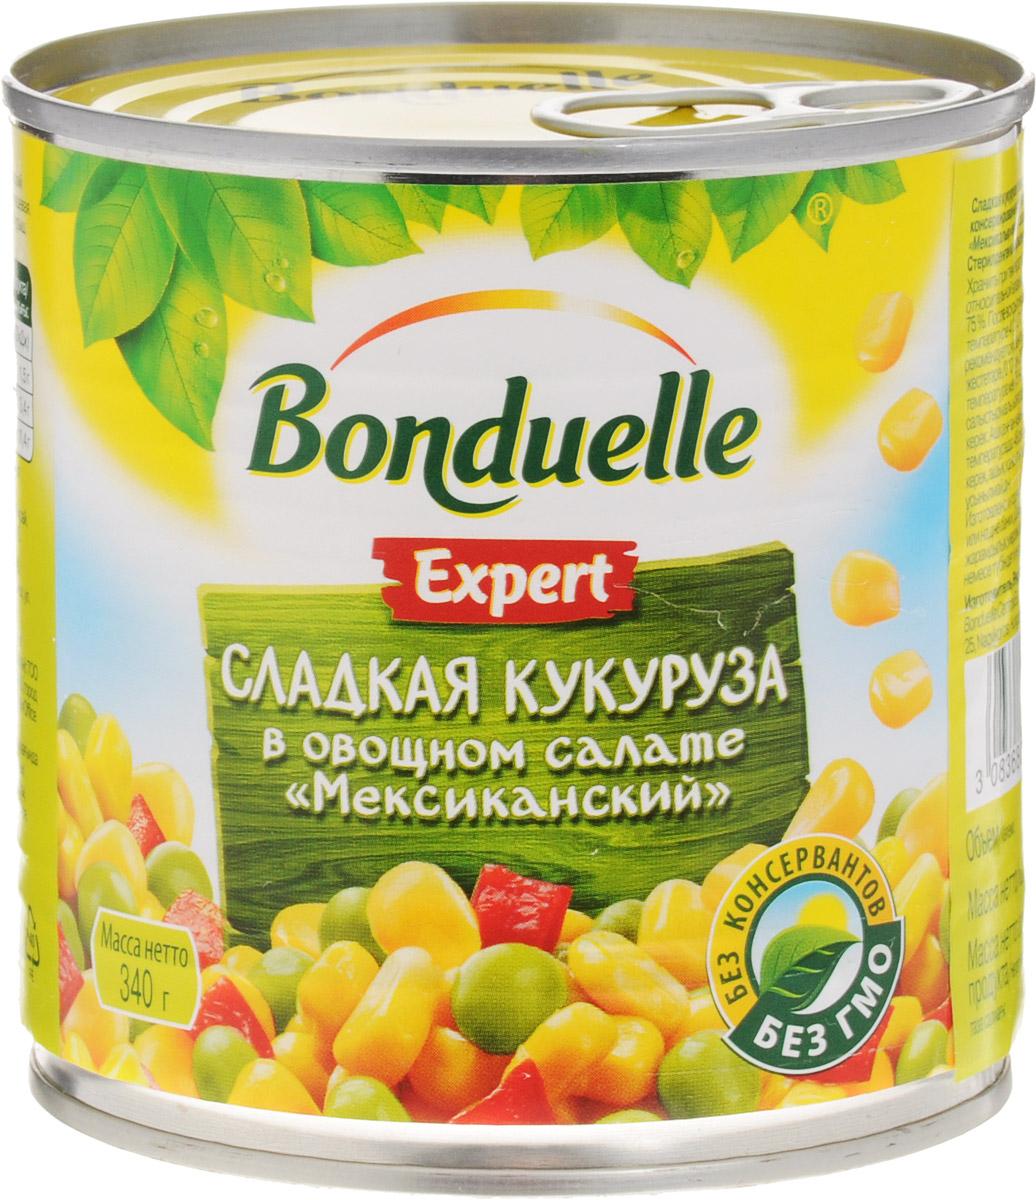 Bonduelle овощная смесь Мексиканская, 340 г0120710Яркое трио из сладкой кукурузы, зеленого горошка и красного сладкого перца - отличная основа для салатов, закусок и даже супов. Добавьте мексиканскую нотку в традиционные блюда, и они заиграют новыми вкусами! Уважаемые клиенты! Обращаем ваше внимание, что полный перечень состава продукта представлен на дополнительном изображении. Упаковка может иметь несколько видов дизайна. Поставка осуществляется взависимости от наличия на складе.